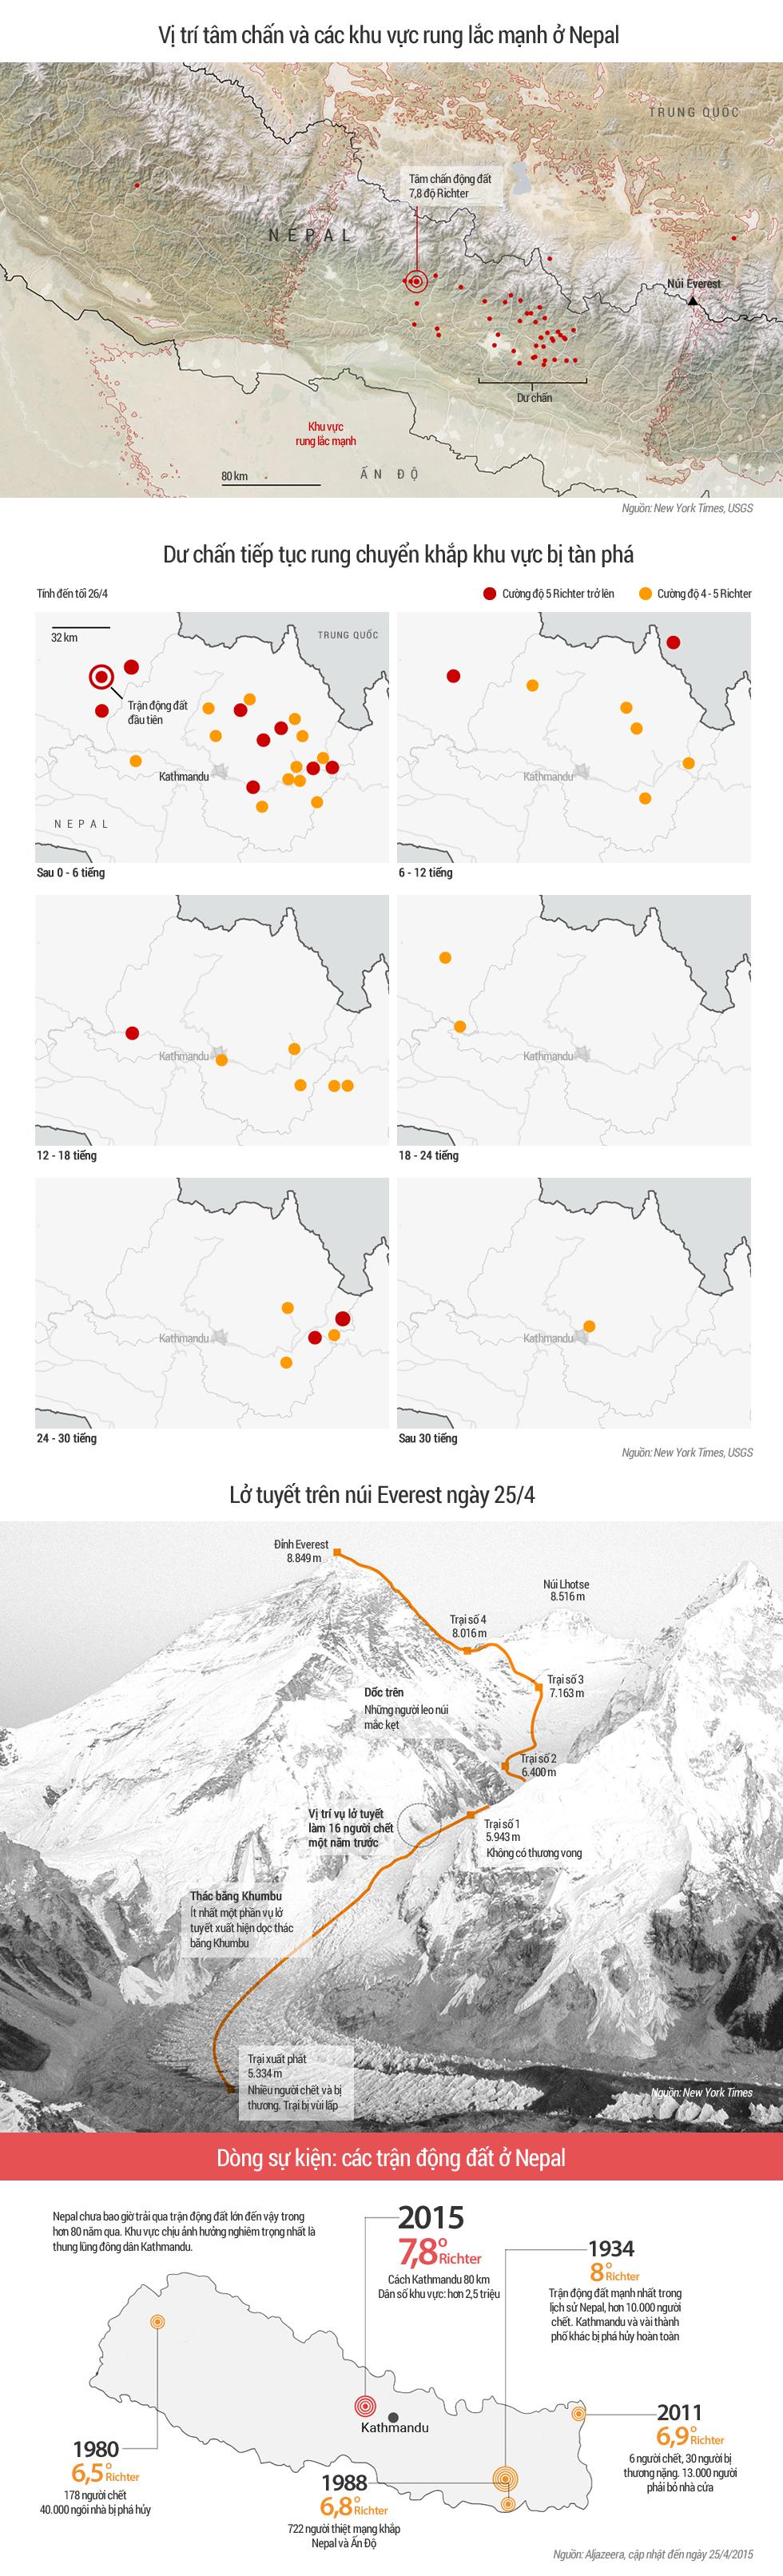 [Infographic] Diễn biến động đất và lở tuyết ở Nepal